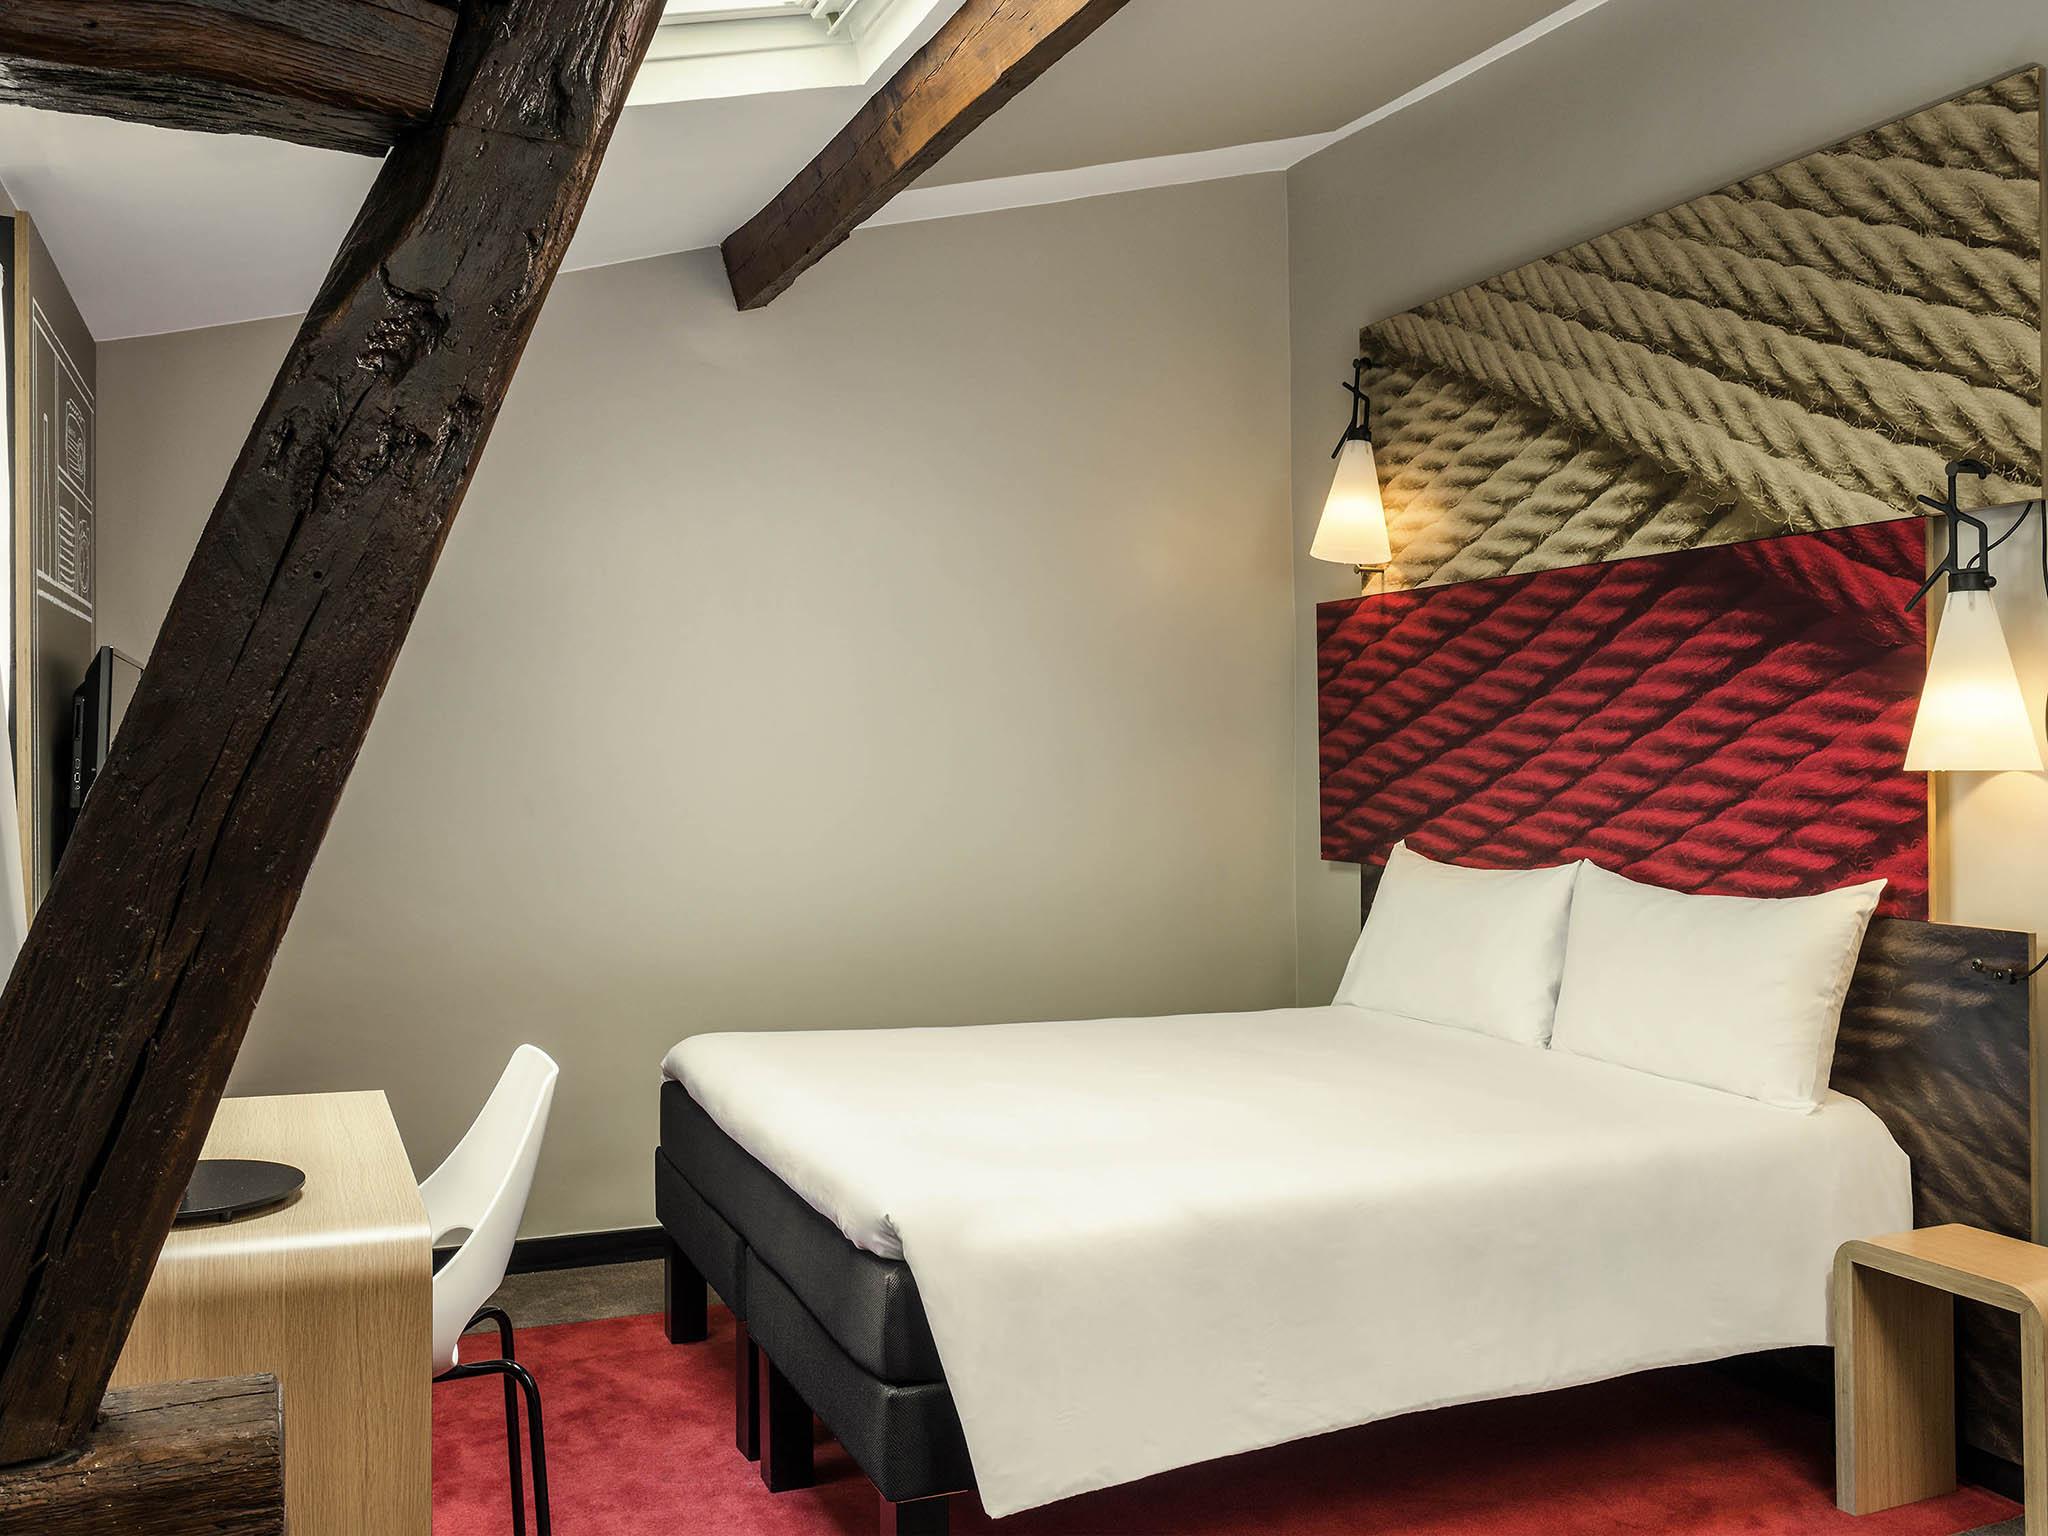 فندق - فندق إيبيس ibis باريس أفينيو دو لا ريبوبليك